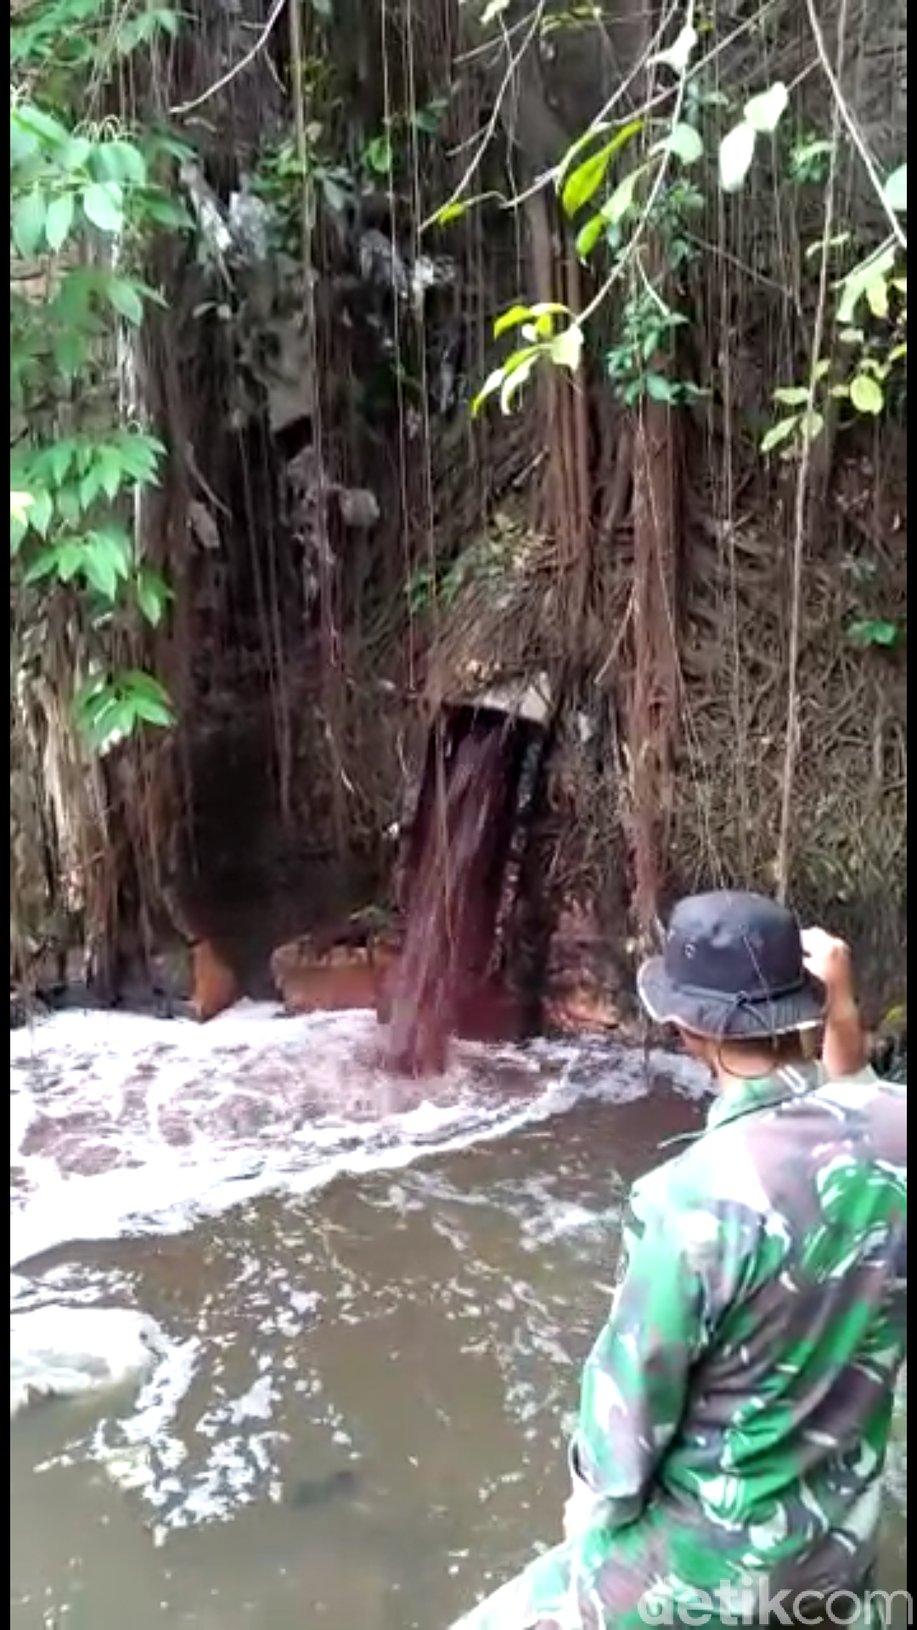 Satgas Citarum Kembali Pergoki Pabrik Buang Limbah ke Sungai https://t.co/KzRLYsdvnn https://t.co/x0EjkYXVMa